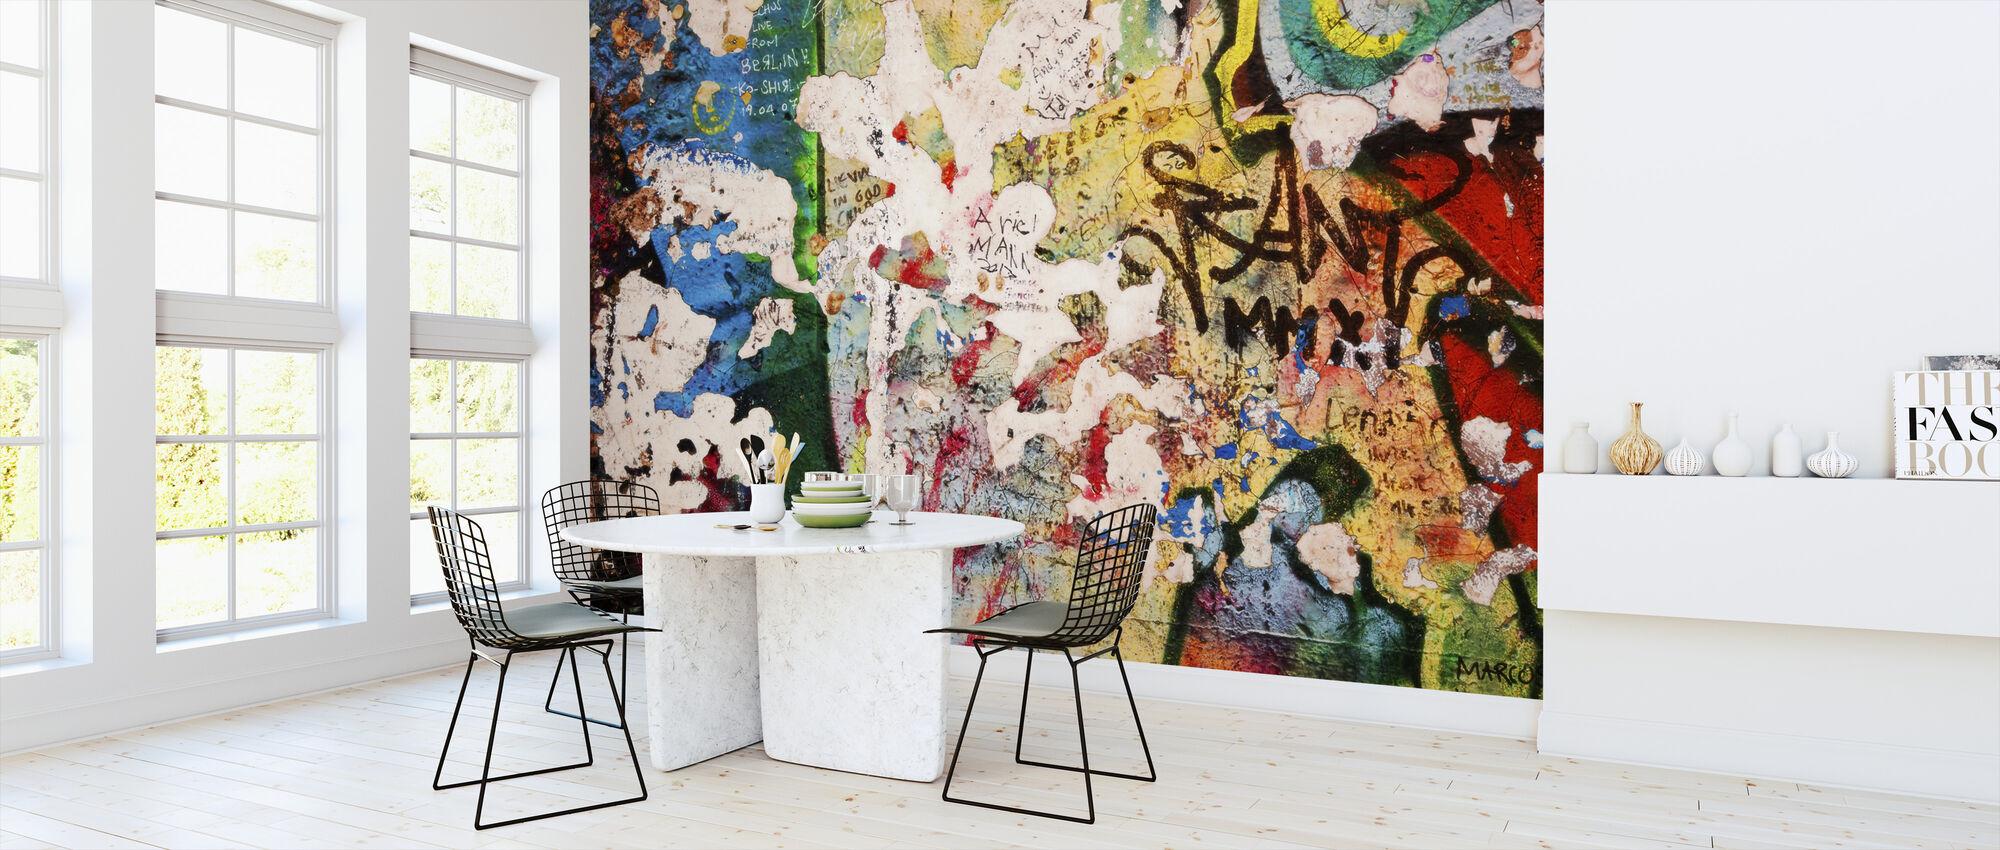 Part of Berlin Wall with Grunge Graffiti - Potsdamer Platz - Wallpaper - Kitchen